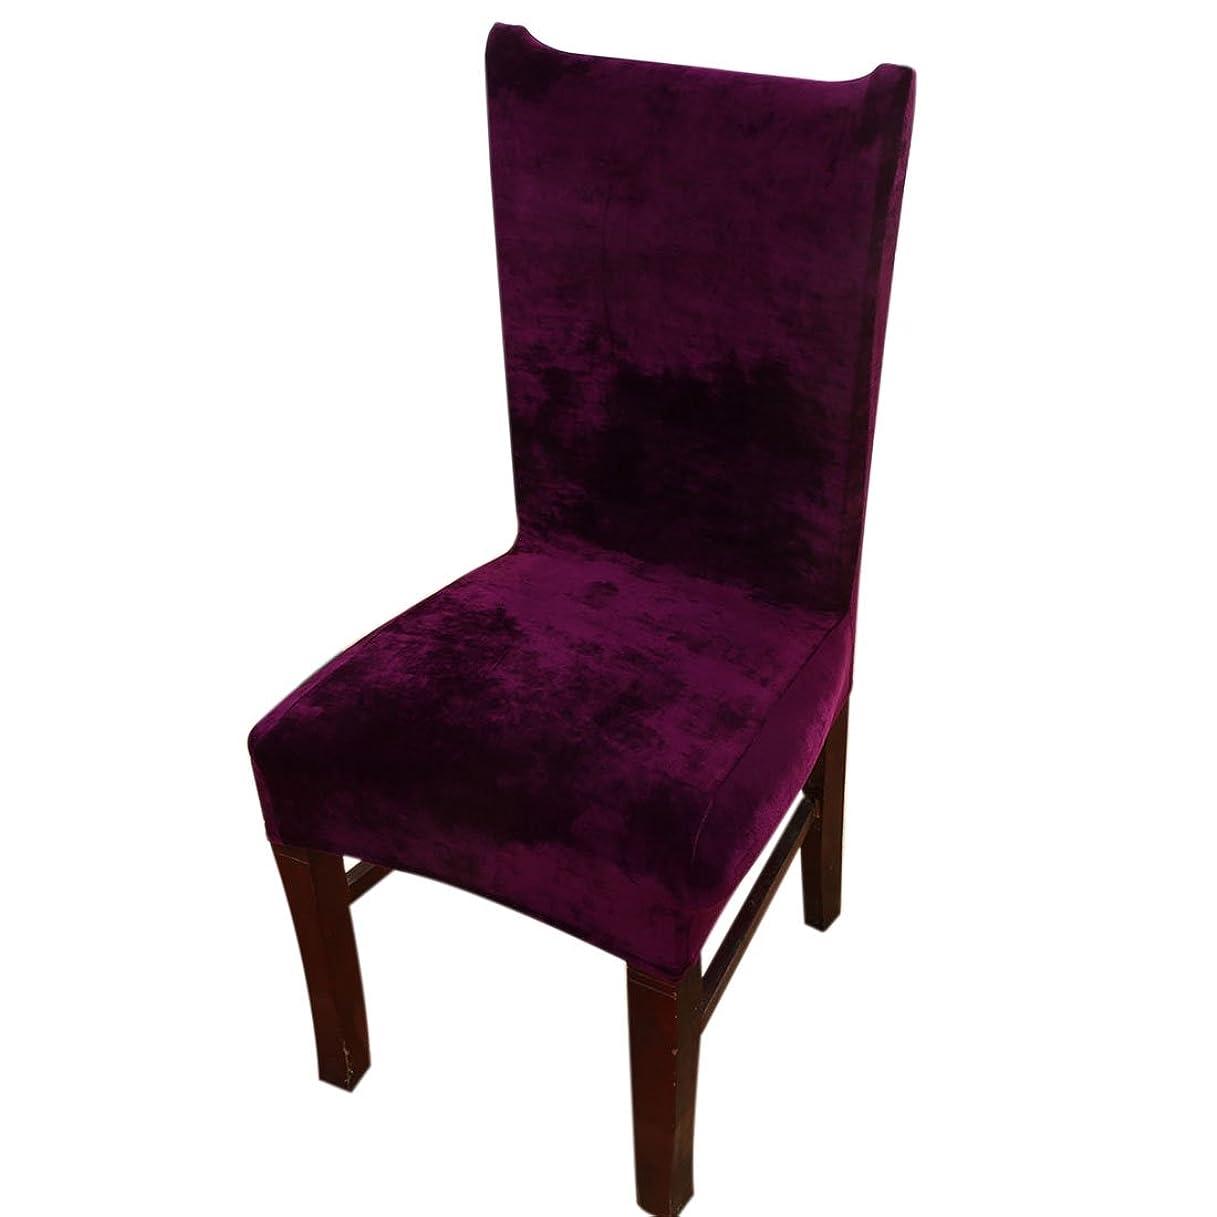 一次国旗今晩Pinji 椅子カバー ジャガード生地 ストレッチ素材 フィット式 椅子カバー取り外し可能 スツール チェアカバー 洗濯可能 ストレッチ ダイニング ルーム 結婚式 パーティ レストラン (パープル)